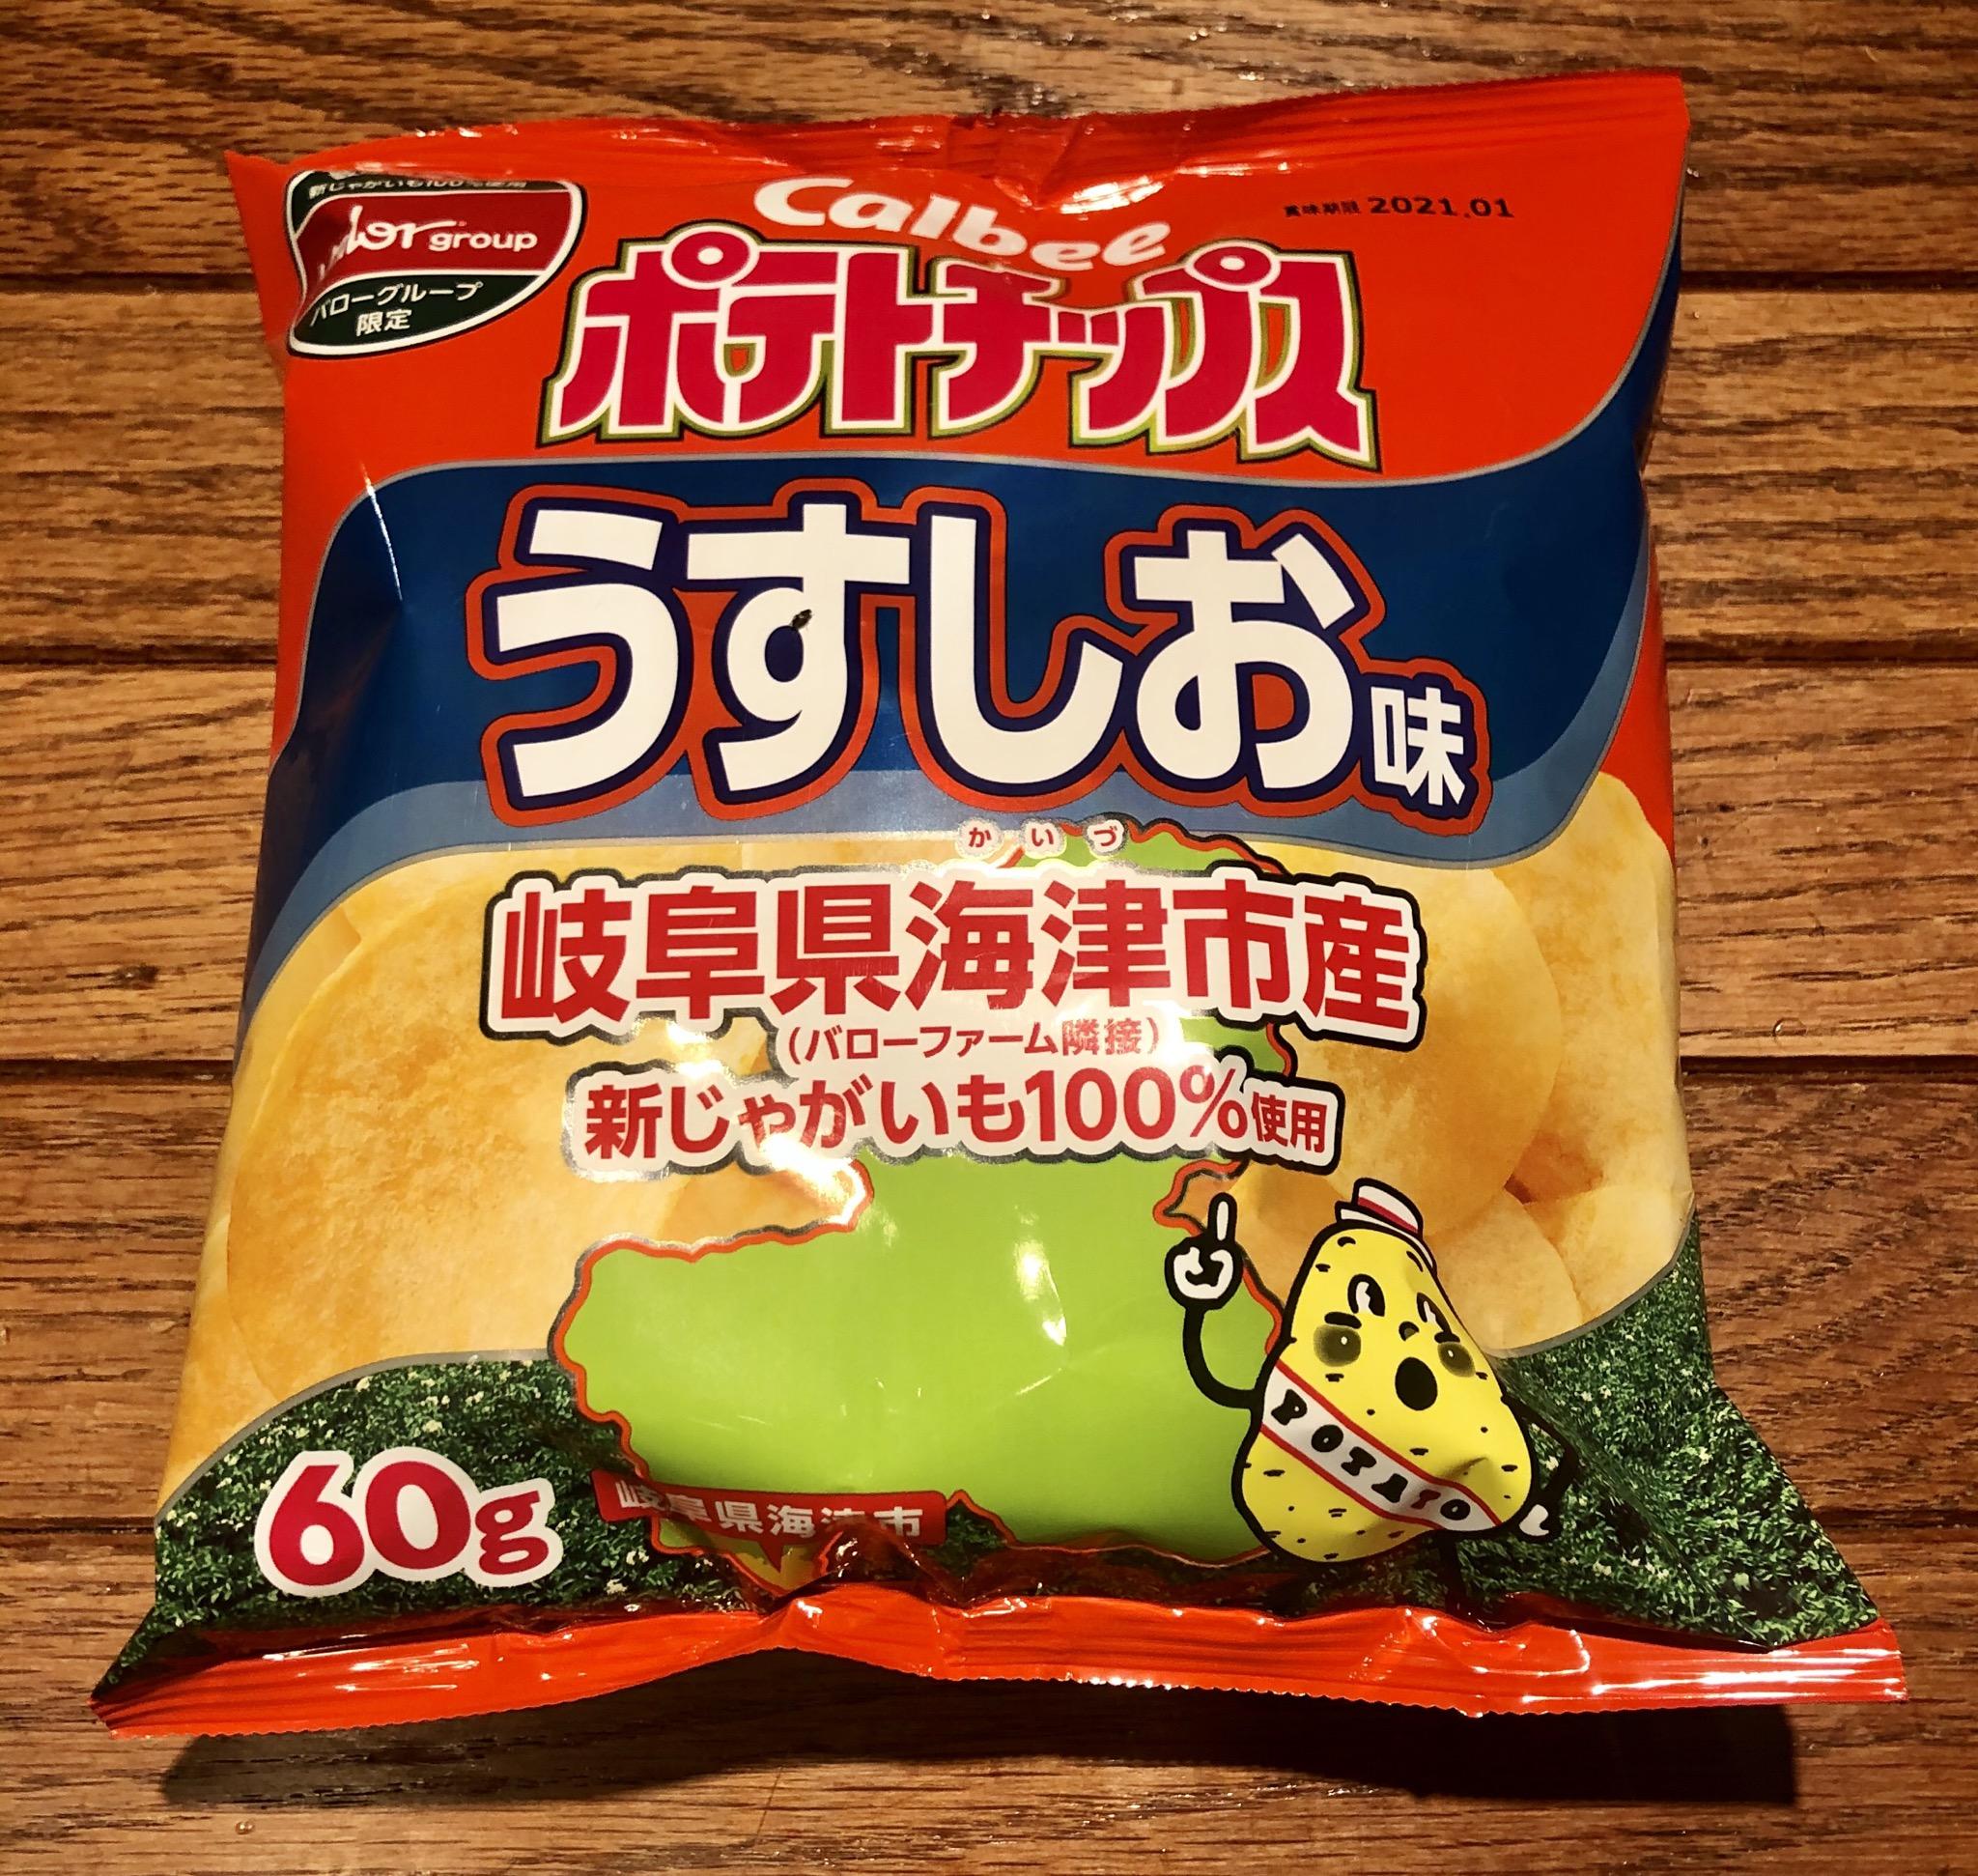 海津産ポテトチップス本日発売!